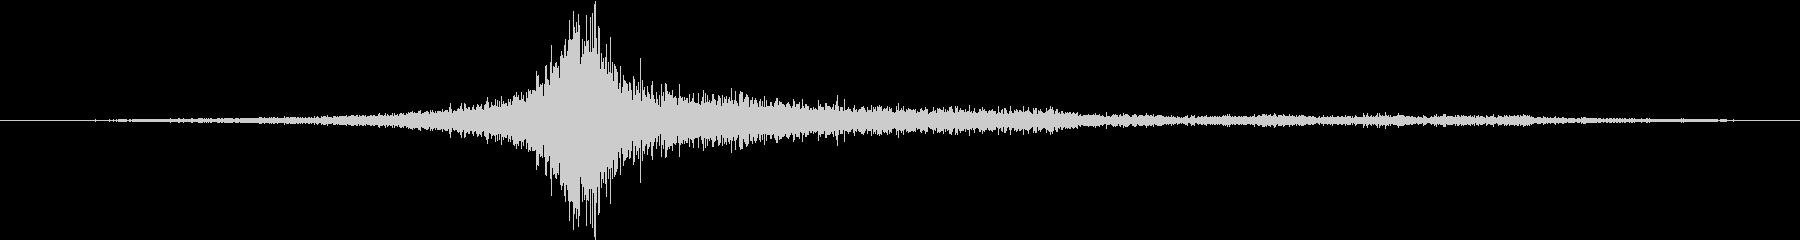 シボレーカマロ:内線:非常に速い速...の未再生の波形